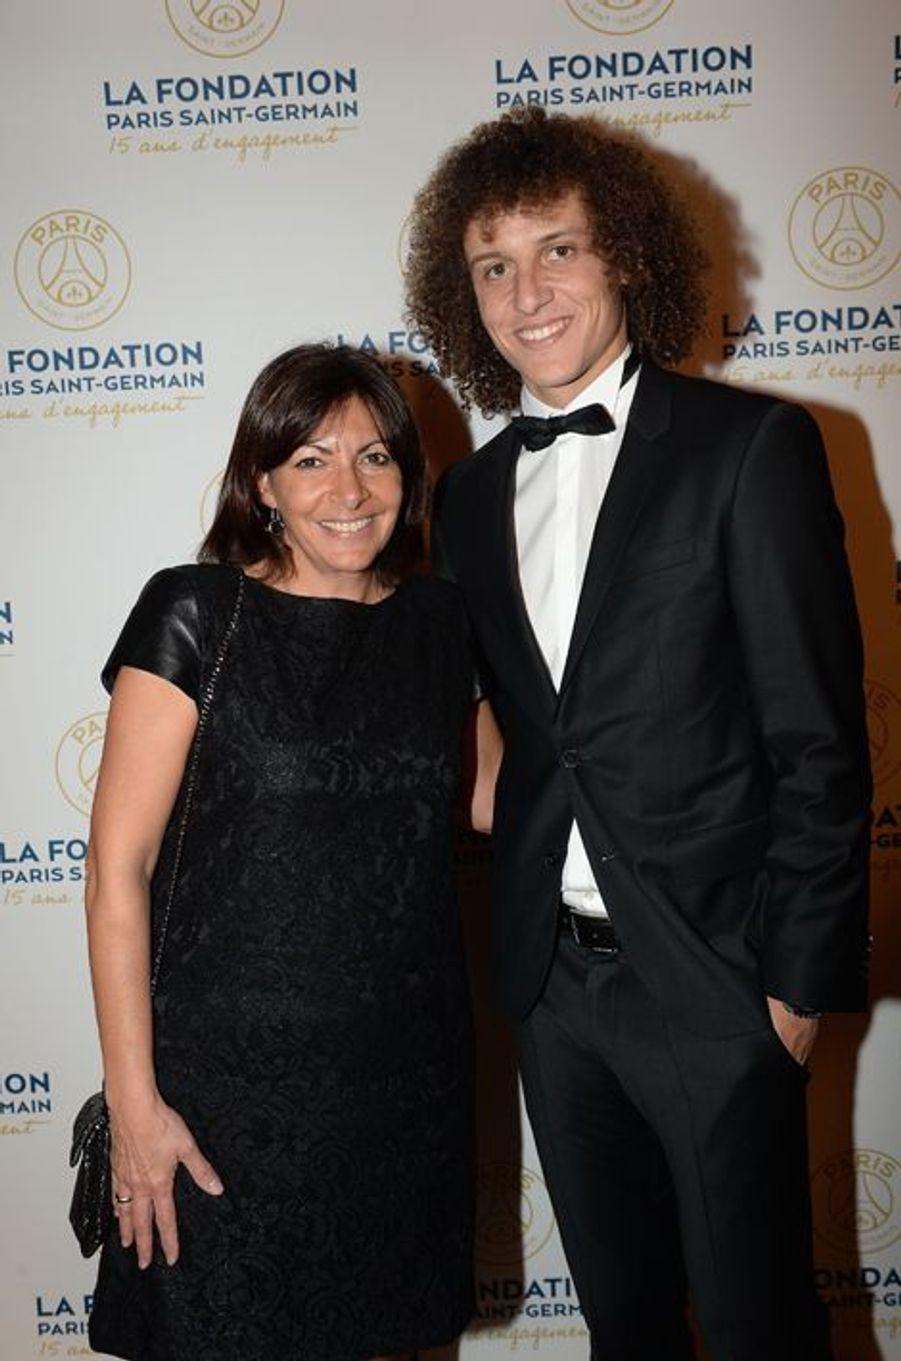 Anne Hidalgo et David Luiz au gala de la Fondation PSG